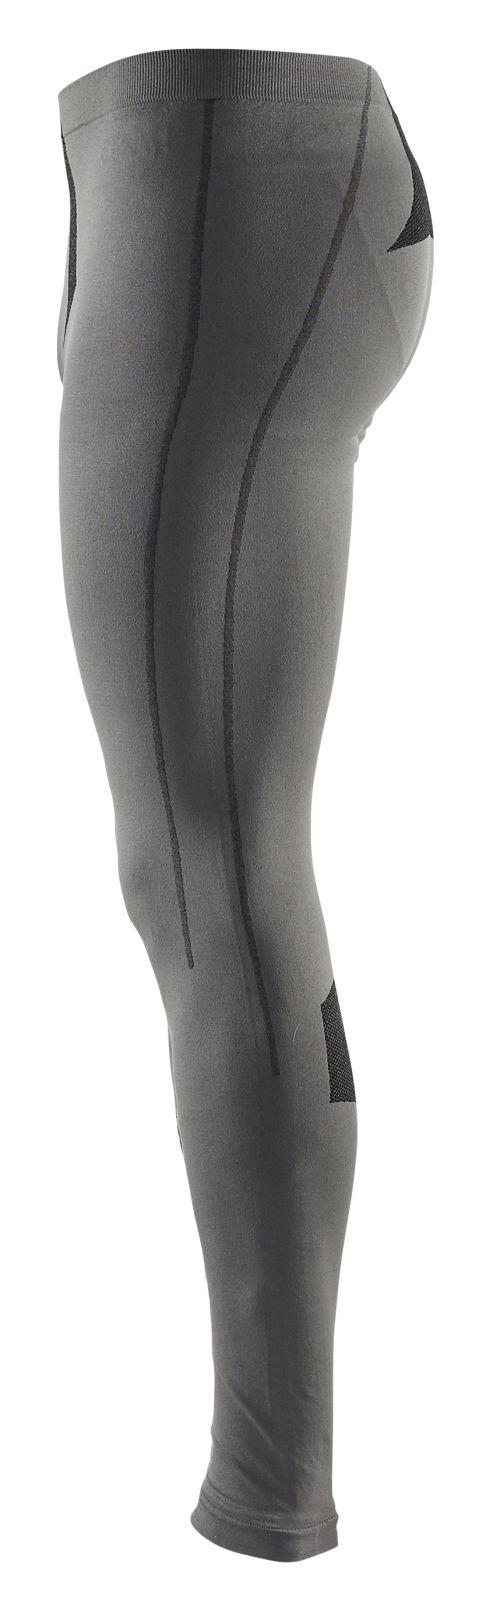 Blaklader Lange onderbroeken 18391052 grijs(9600)